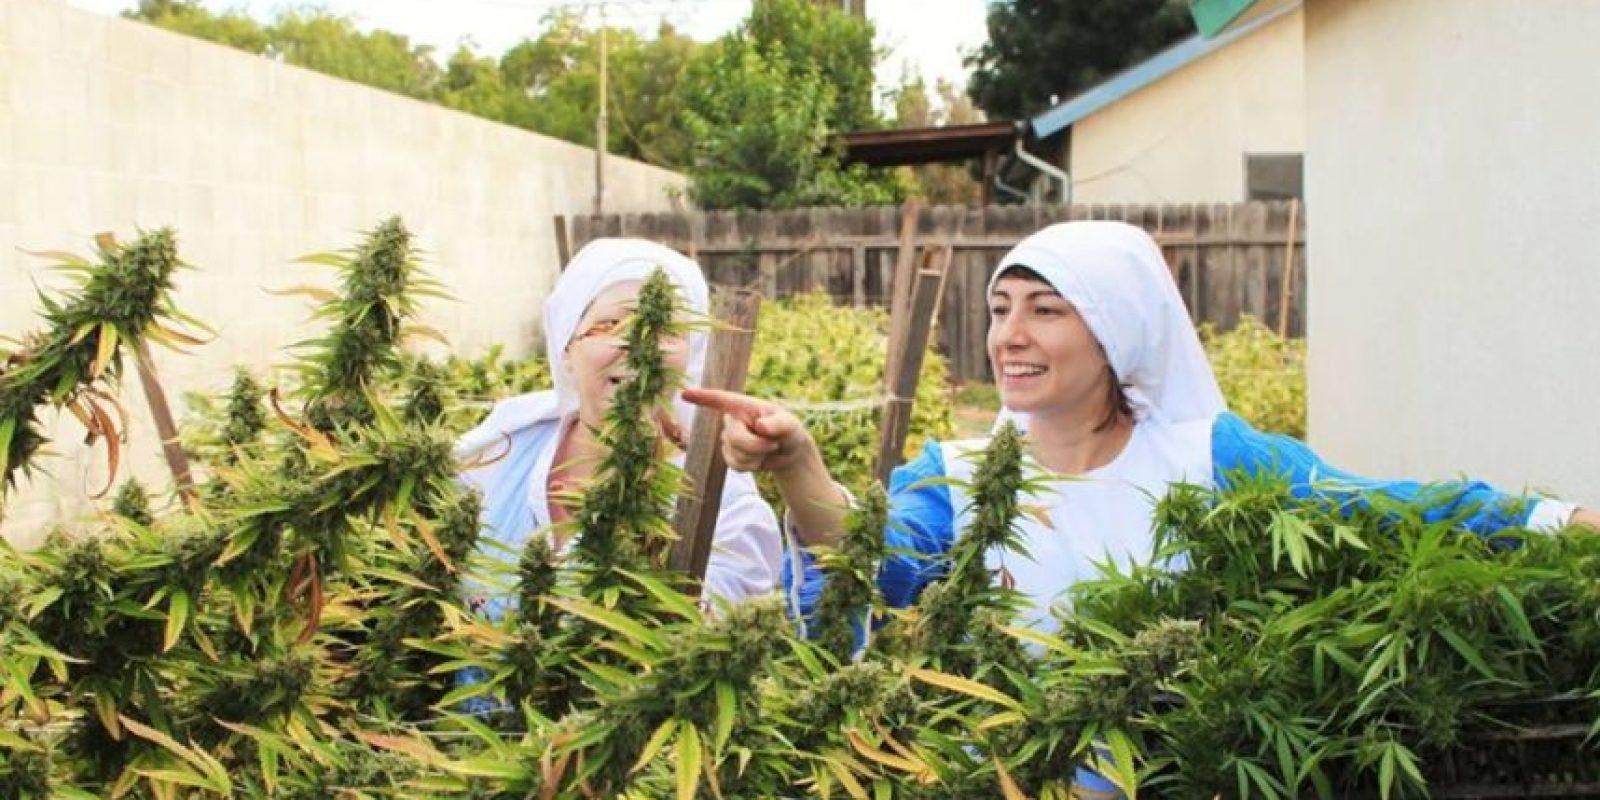 La planta contiene una sustancia química llamada delta‐9‐tetrahydrocannabinol (THC) Foto:facebook.com/sistersofthevalley